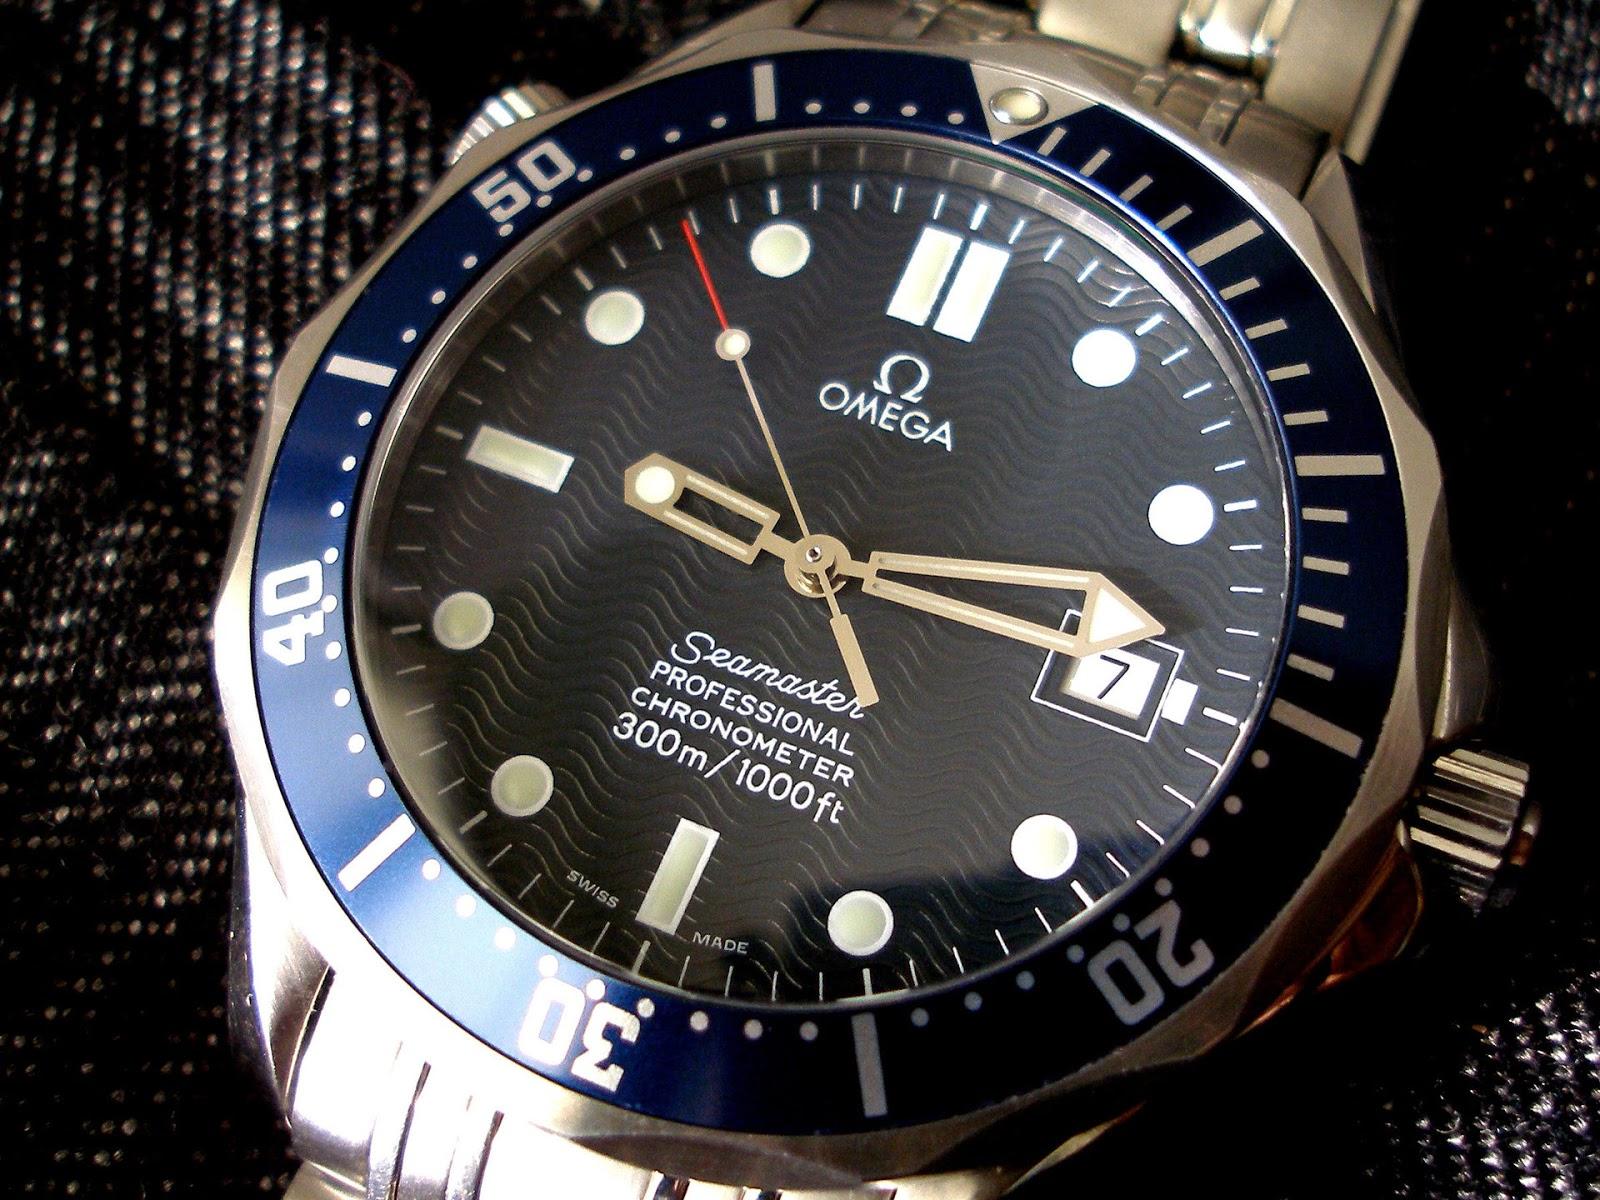 78faa8e46b963 ... اقتناء الساعات السويسرية لا بد وأنه يعرف ساعة أوميغا، والتي تعتبر  الخيار المفضل لدى العديد من الرجال. تم تأسيس هذه الشركة في عام 1848، ولها  تاريخ مميز ...